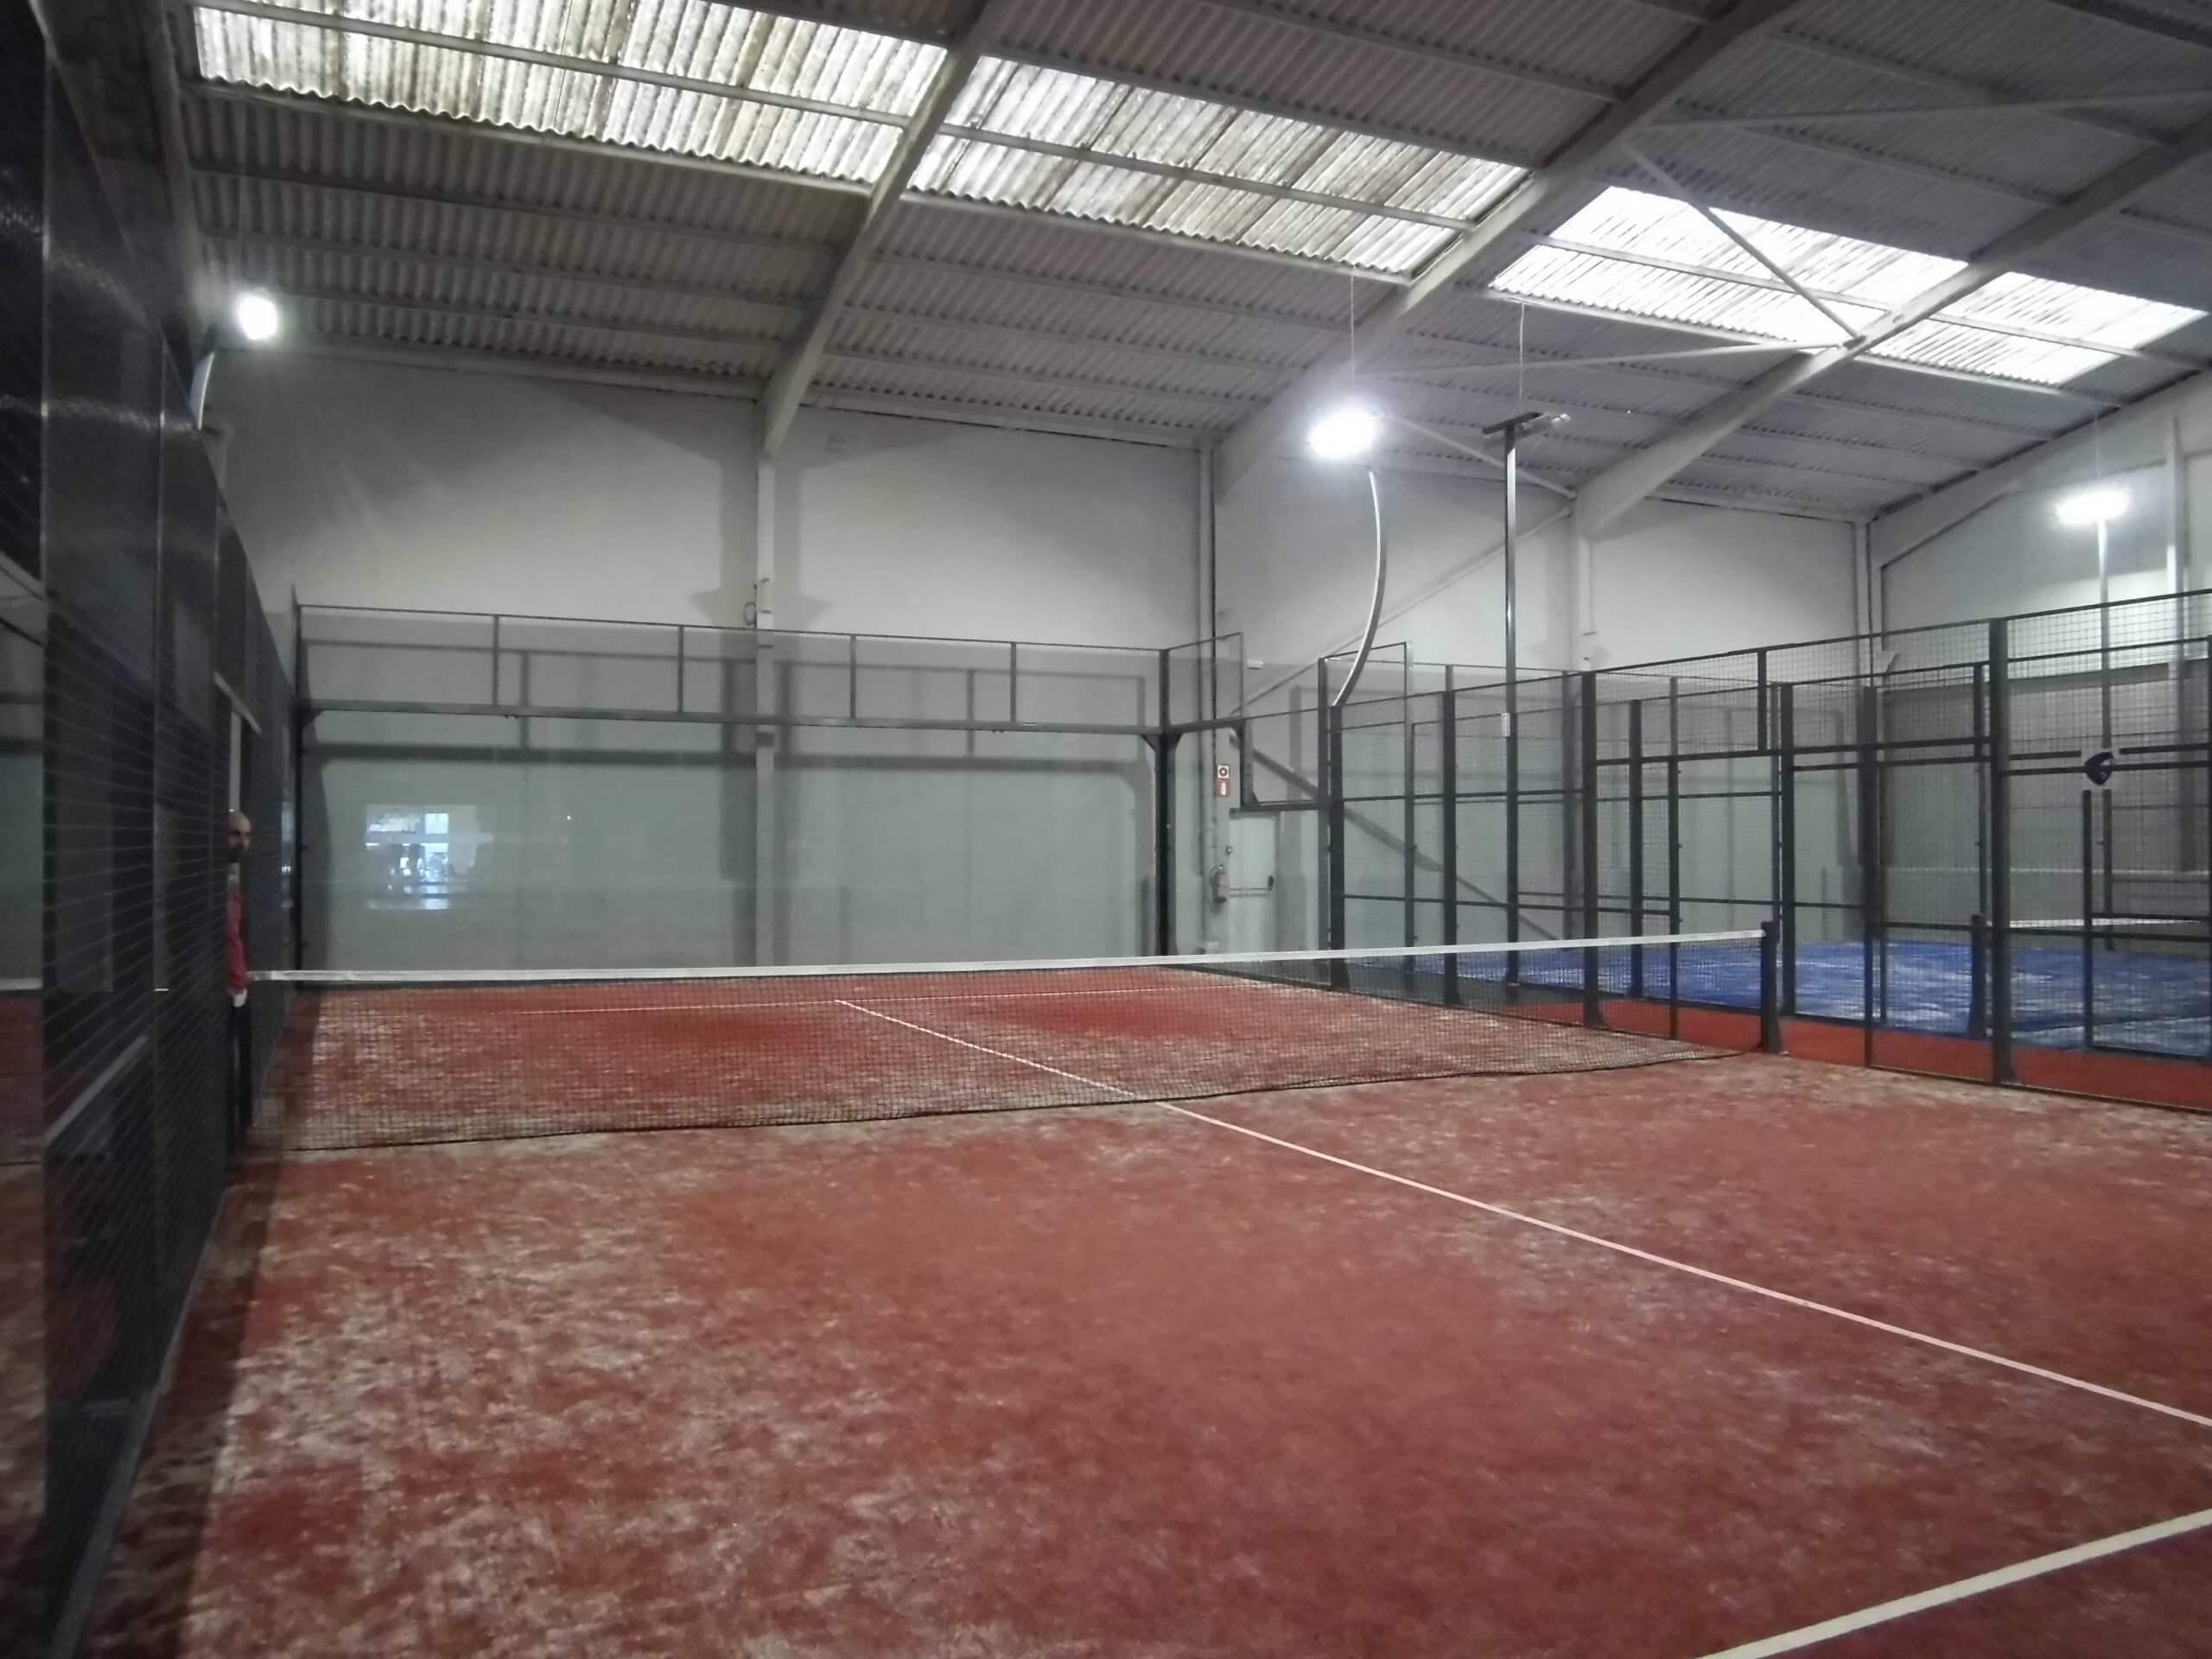 Pàdel Indoor Badalona